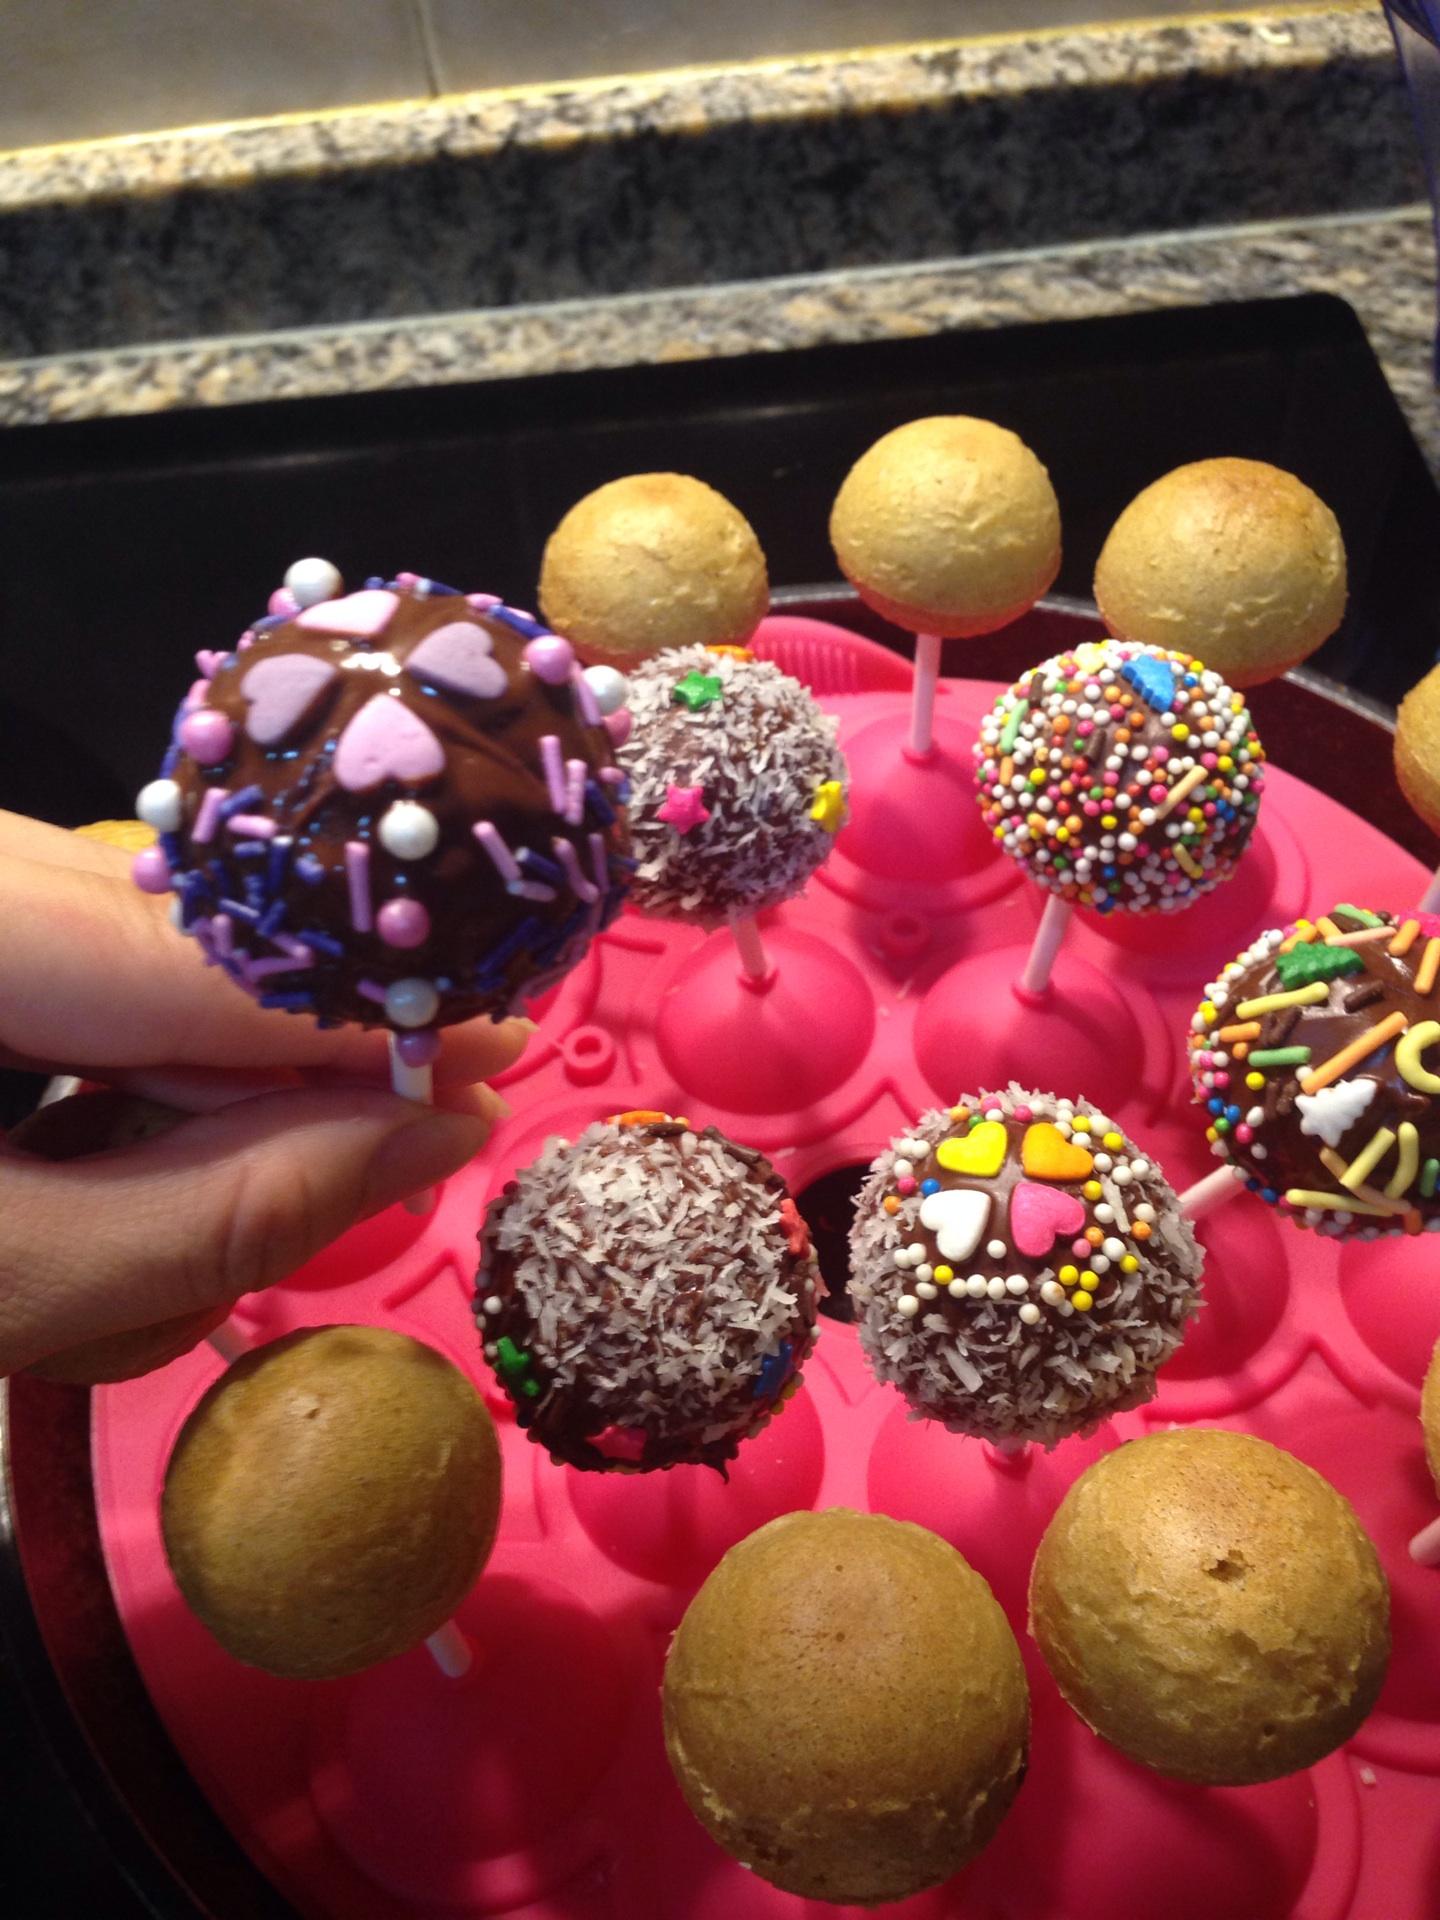 巧克力随意 装饰糖珠随意 细白糖50g 椰蓉适量 棒棒糖蛋糕的做法步骤